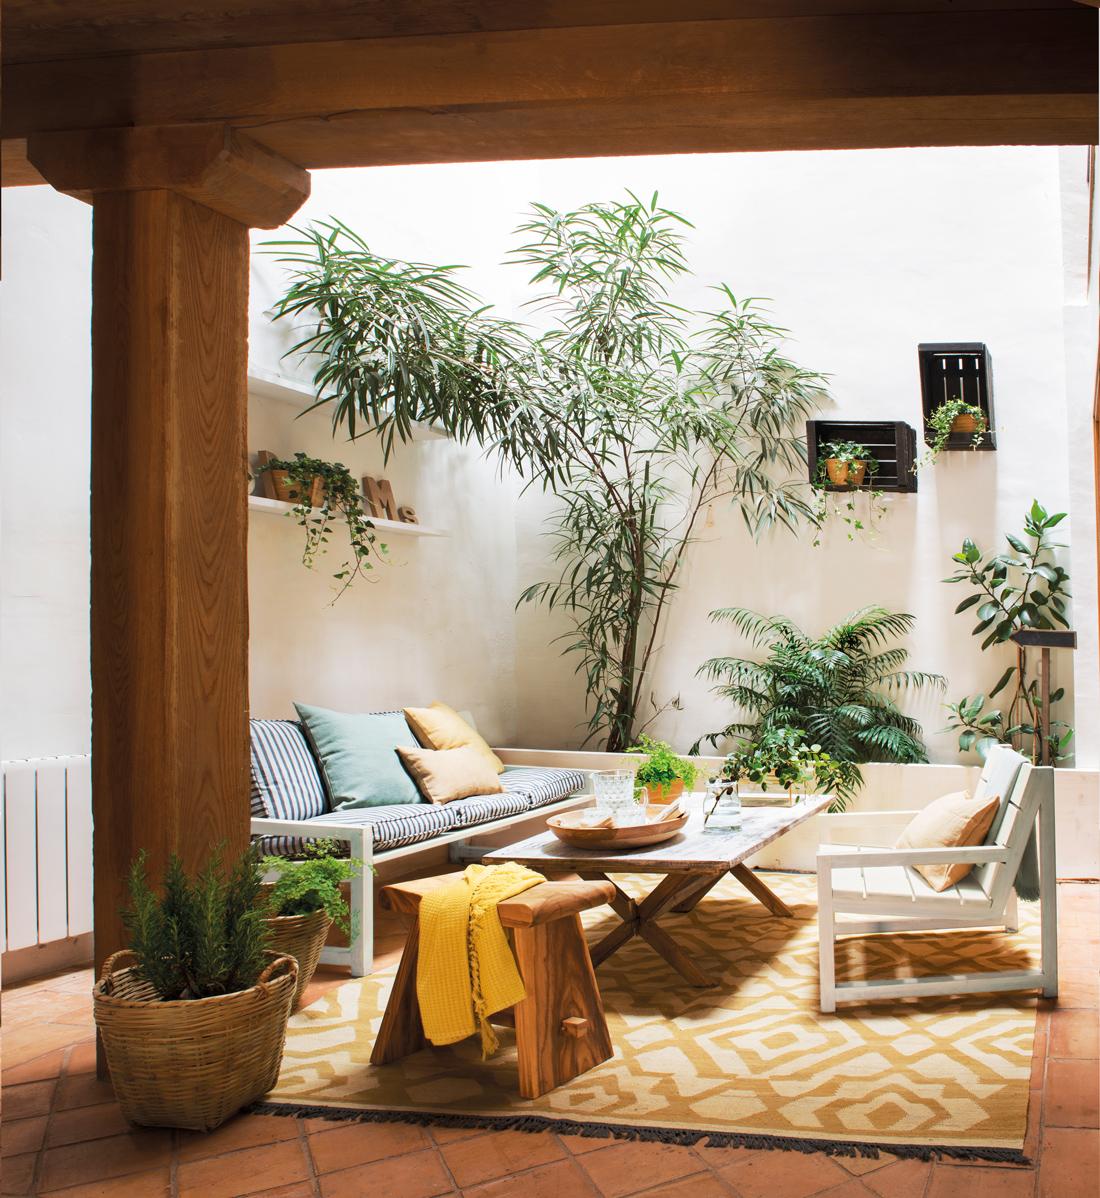 Una casa m s saludable - Patio interior decoracion ...